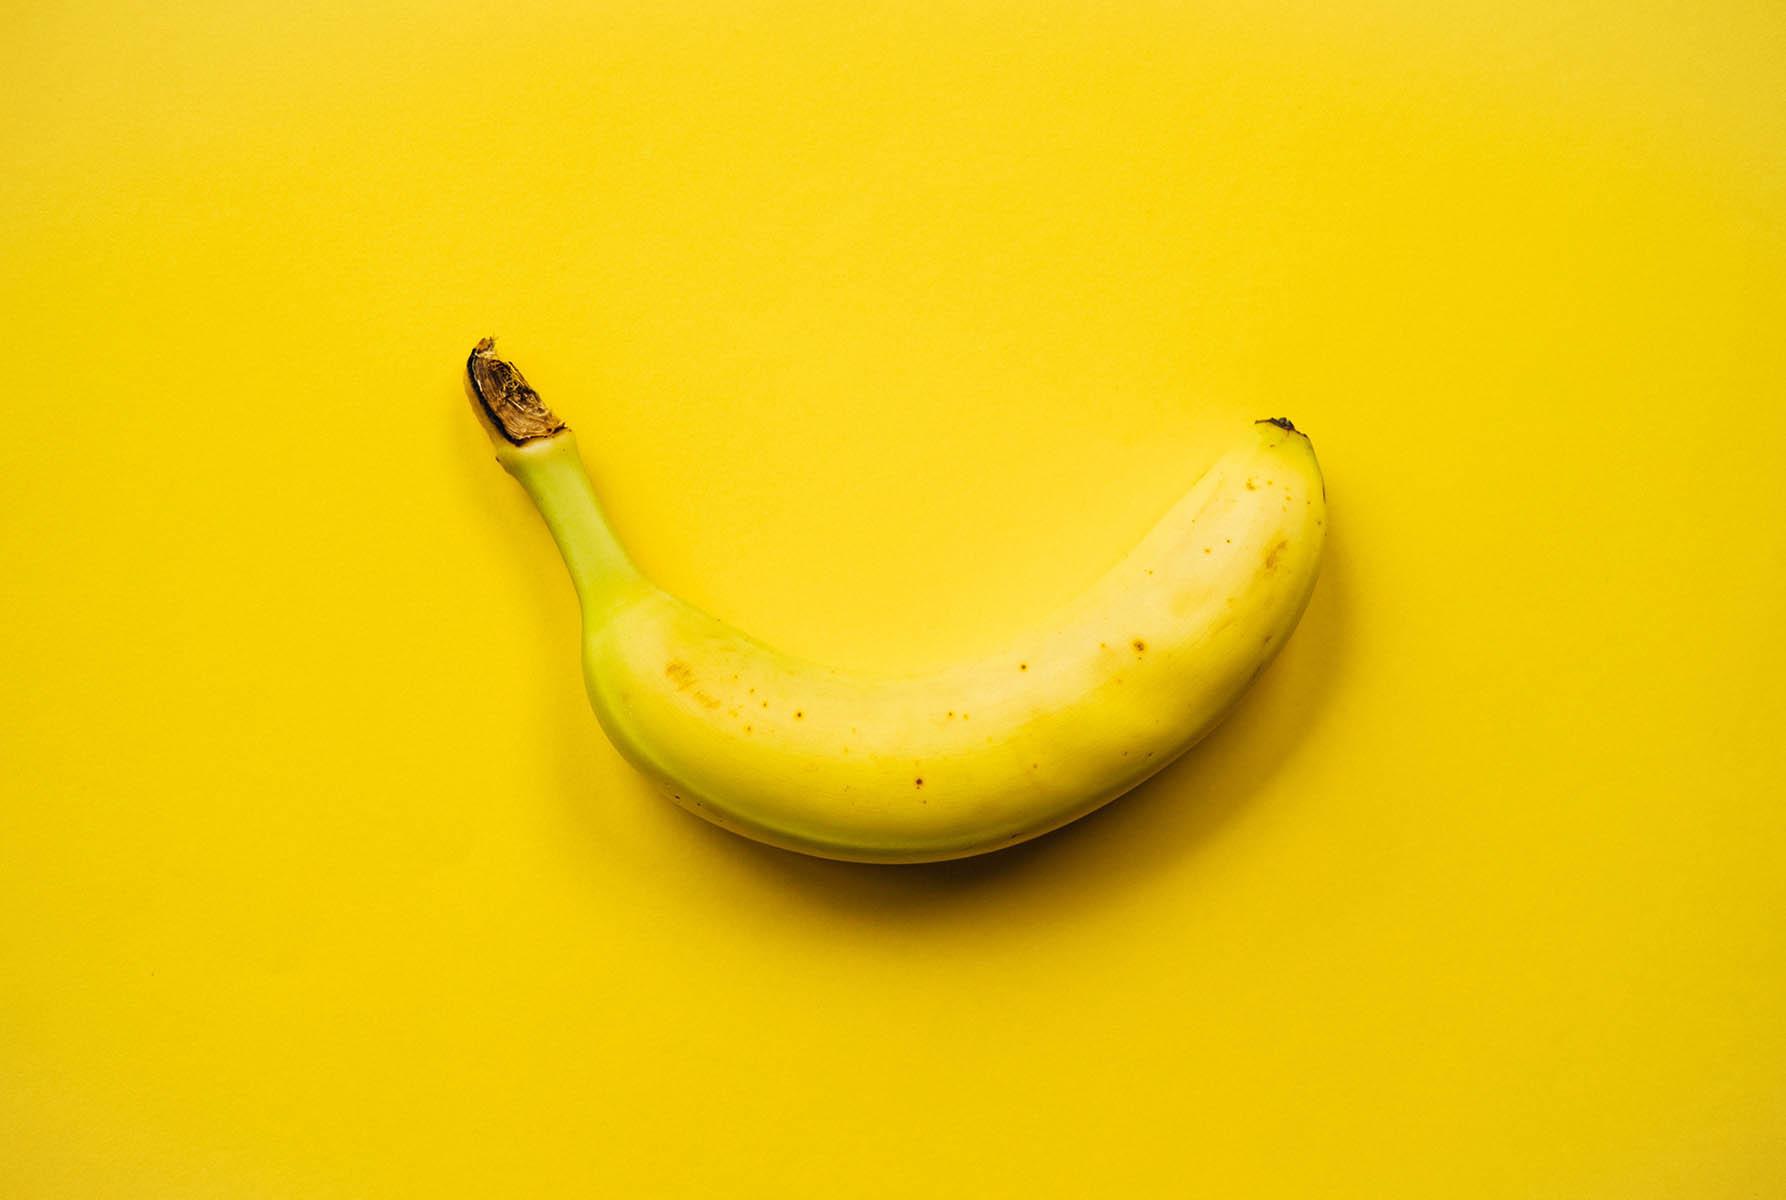 Sweet: la ricetta che trasforma la banana in un sushi roll